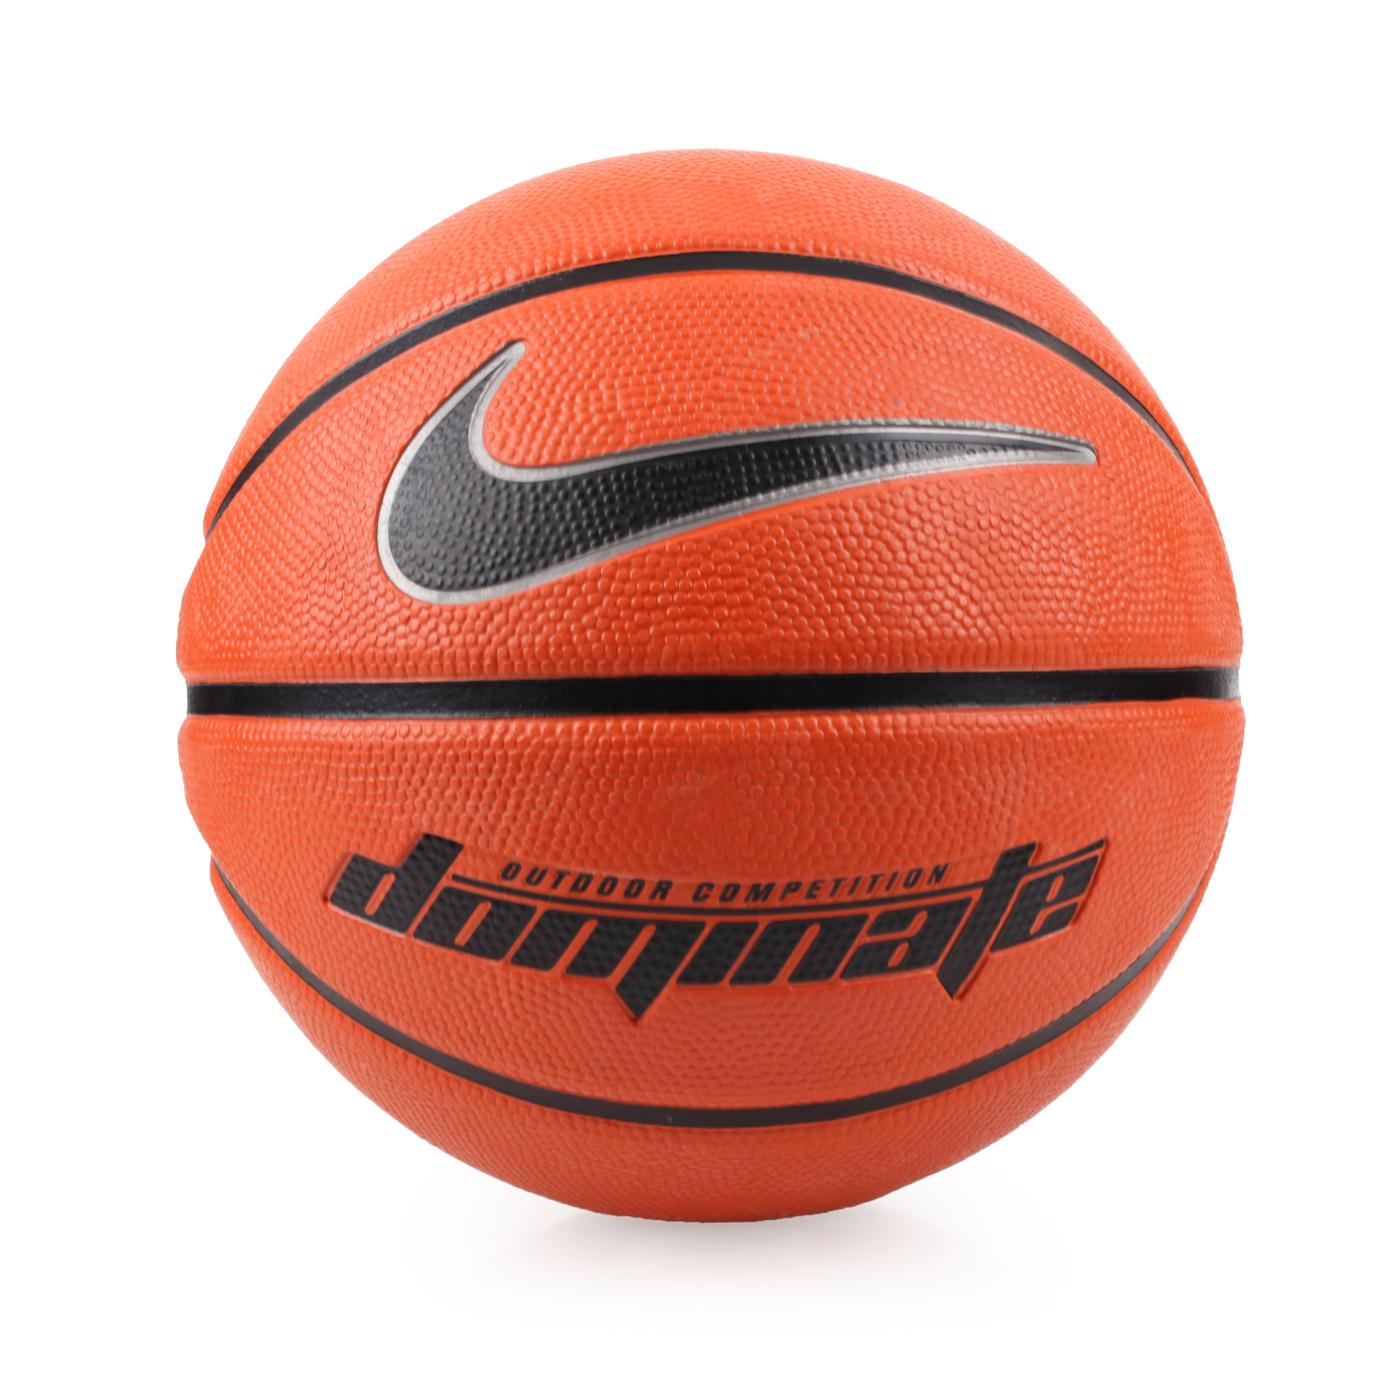 NIKE DOMINATE 5號籃球 NKI0084705 - 橘黑